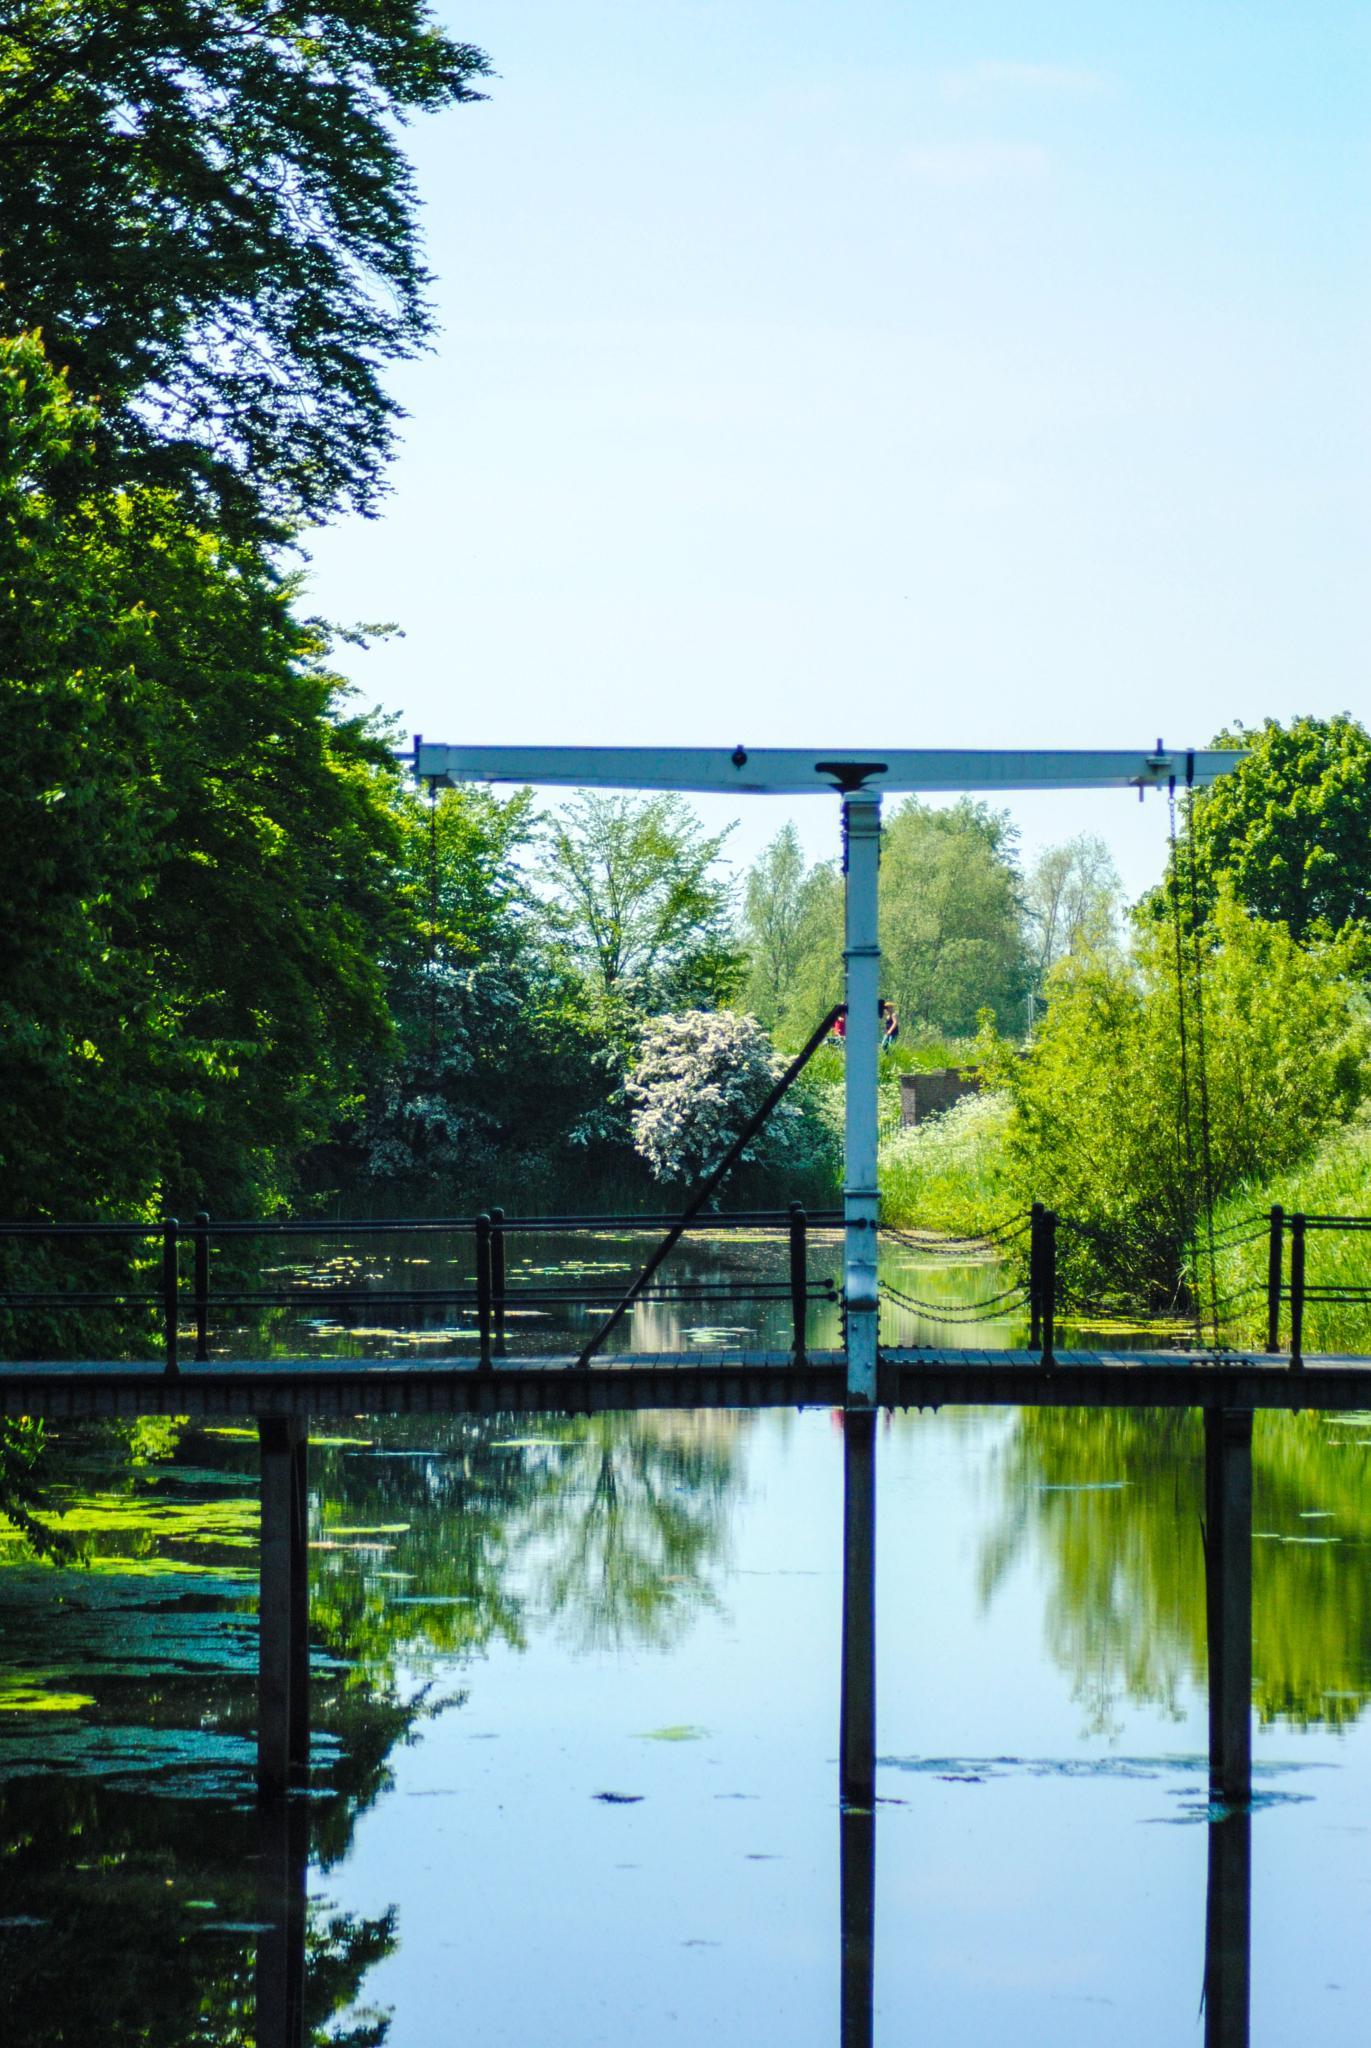 Bridge by Petra van Gend